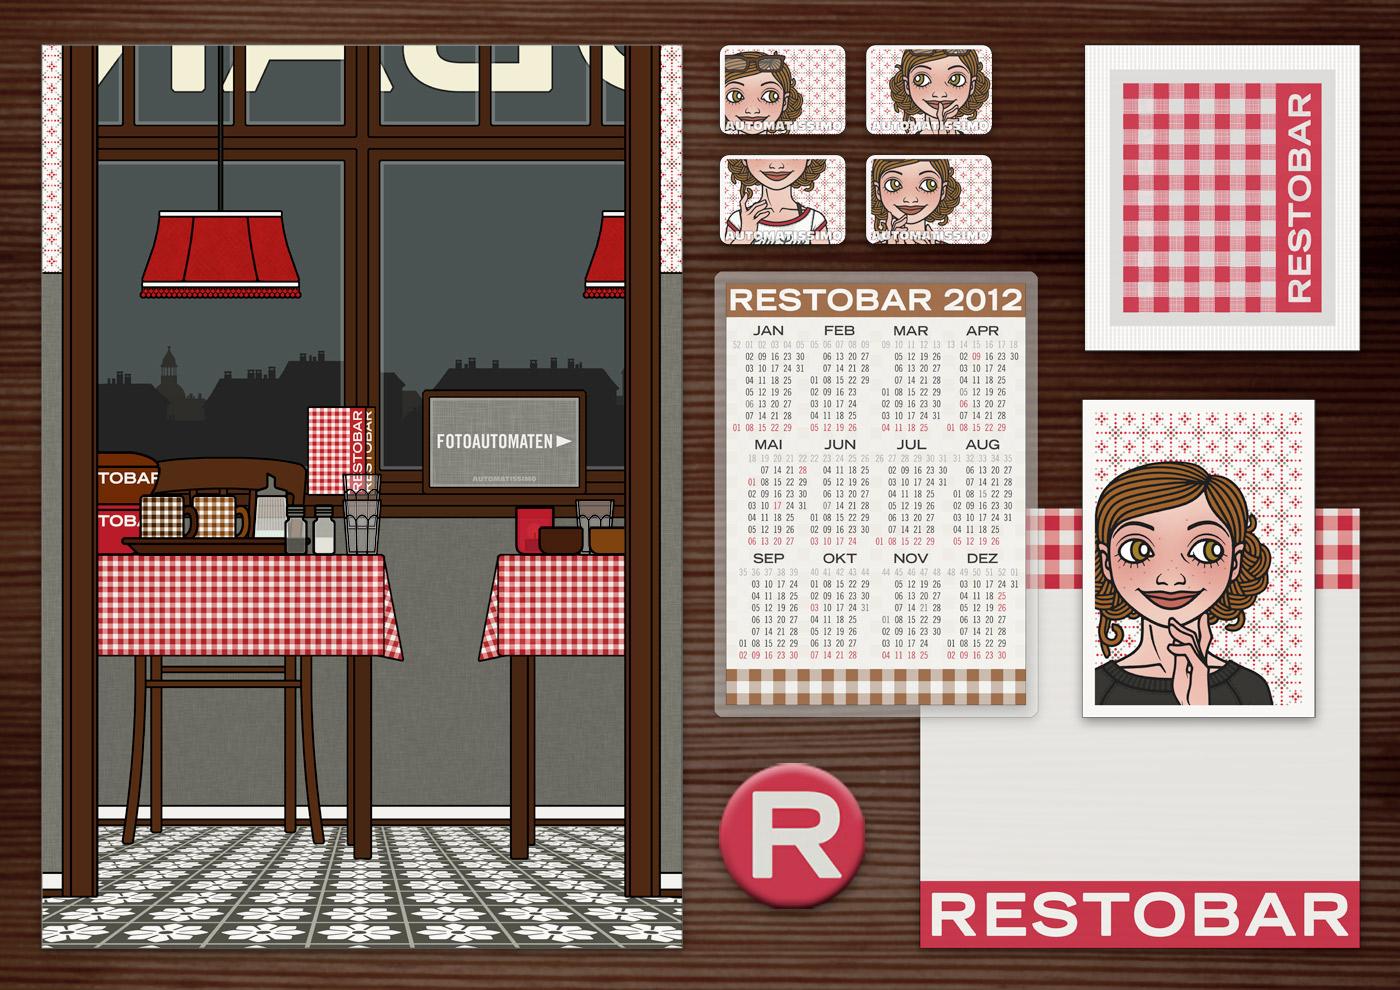 Corporate Identity, Logo und Grafik Design für Werbung, Schilder, Poster, Postkarten, Flyer, Aufkleber, Zuckertütchen und Buttons mit Karos für Lily Lux Restaurant Restobar